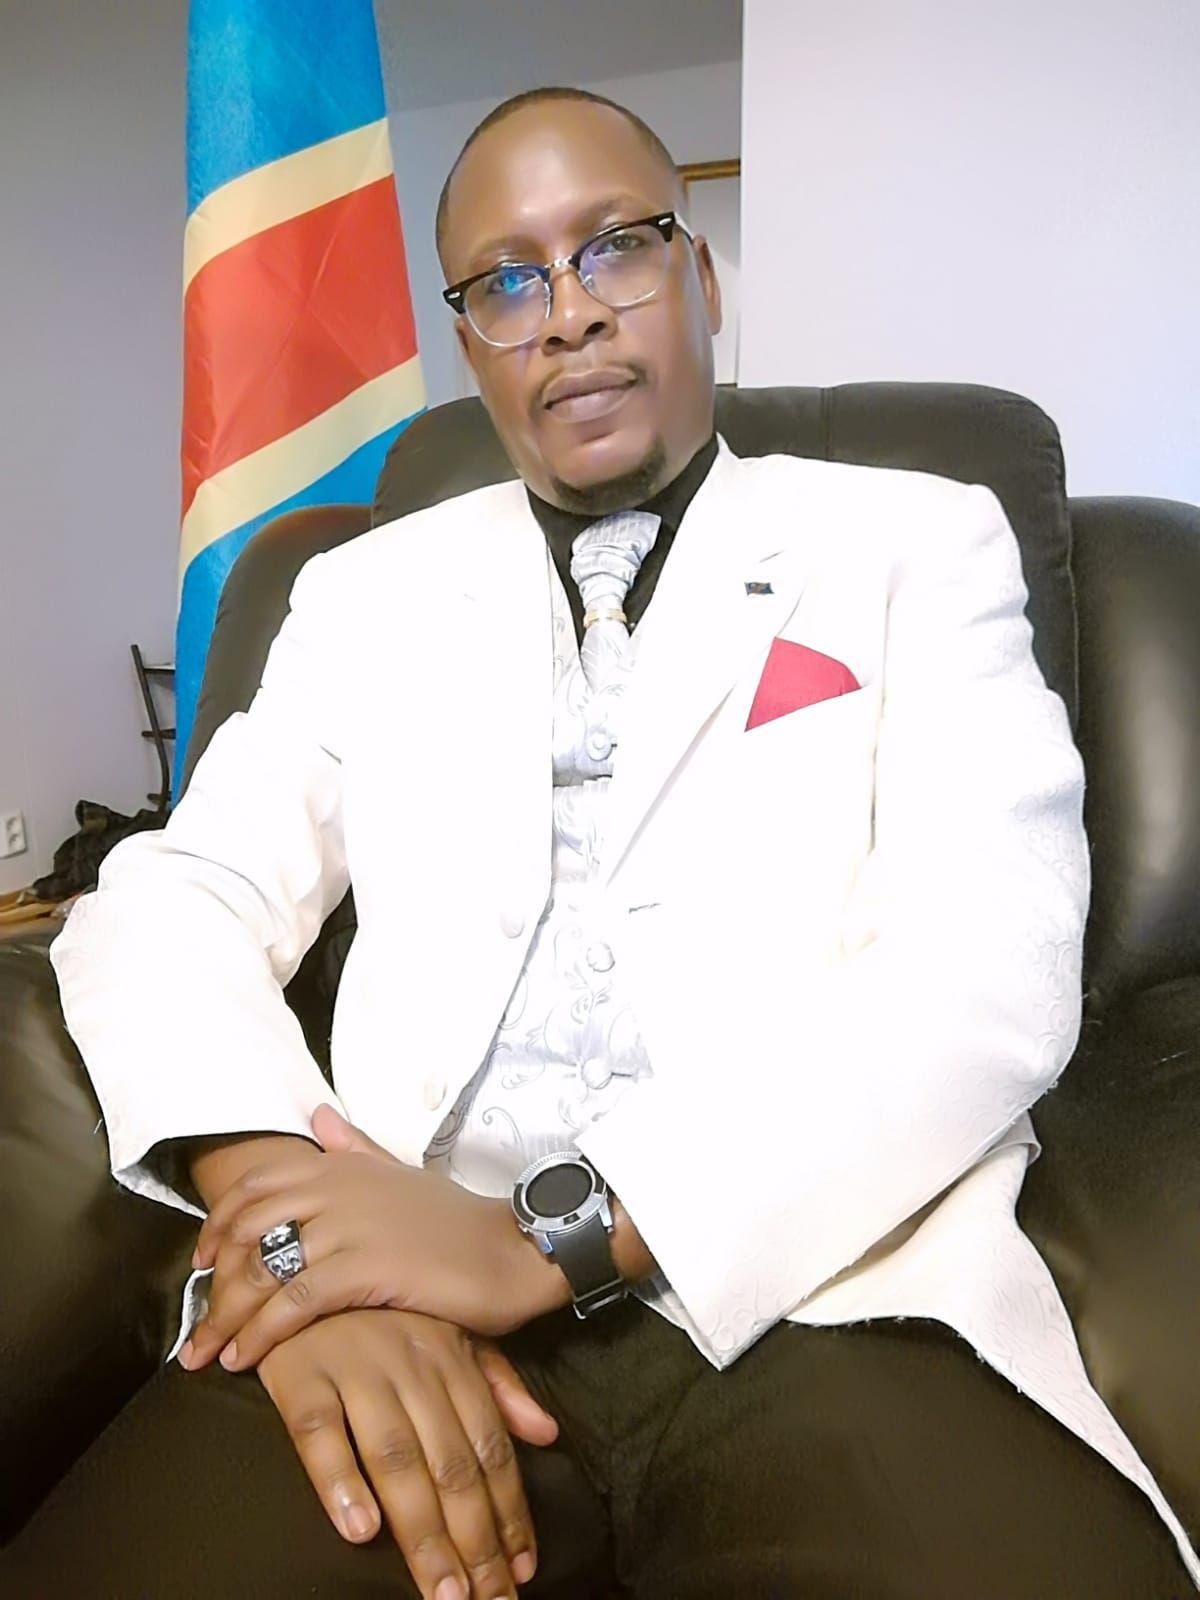 UMUBANO W'UBURUNDI N'U RWANDA MU NDORERWAMO ZA OMBE NYAMUHOMBEZA.